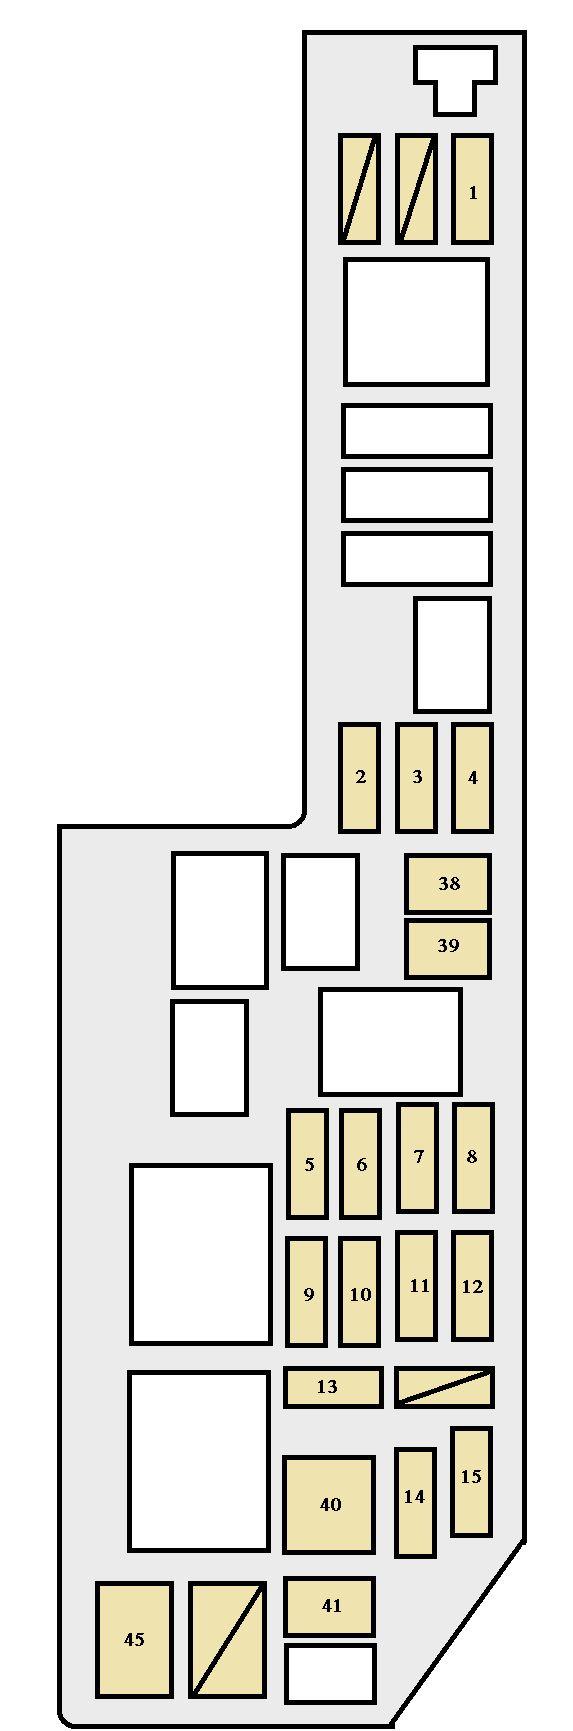 [DIAGRAM_3ER]  FT_6824] Box Diagram Toyota Camry Wiring Diagram Toyota Sienna Wiring  Diagram Download Diagram | 2007 Toyota Solara Fuse Box Diagram |  | Weveq Magn Jidig Inama Mohammedshrine Librar Wiring 101